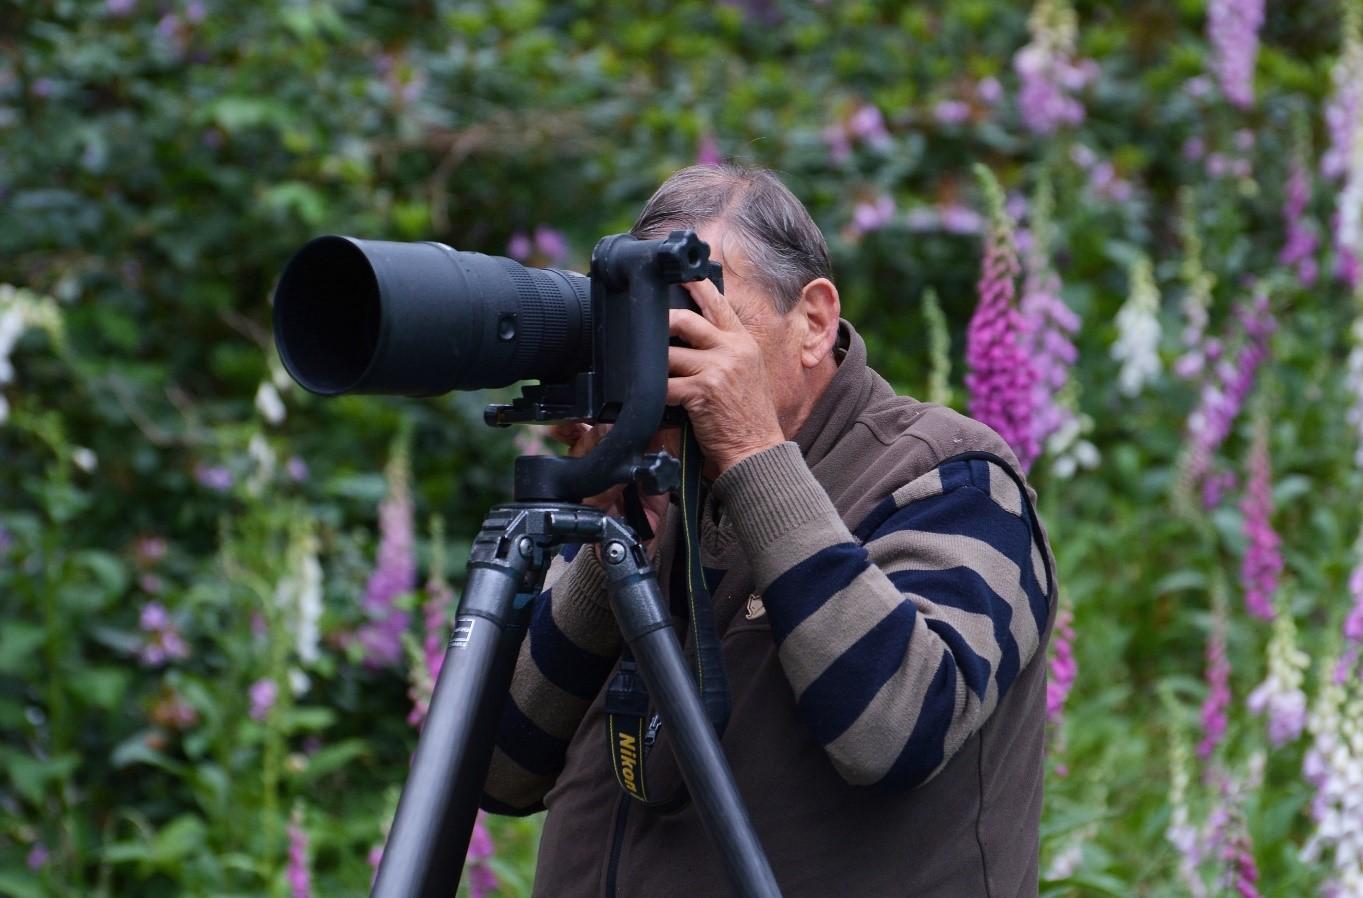 U rapporteur achter de camera tijdens buitenfotografie - Foto: ©Louis Fraanje.